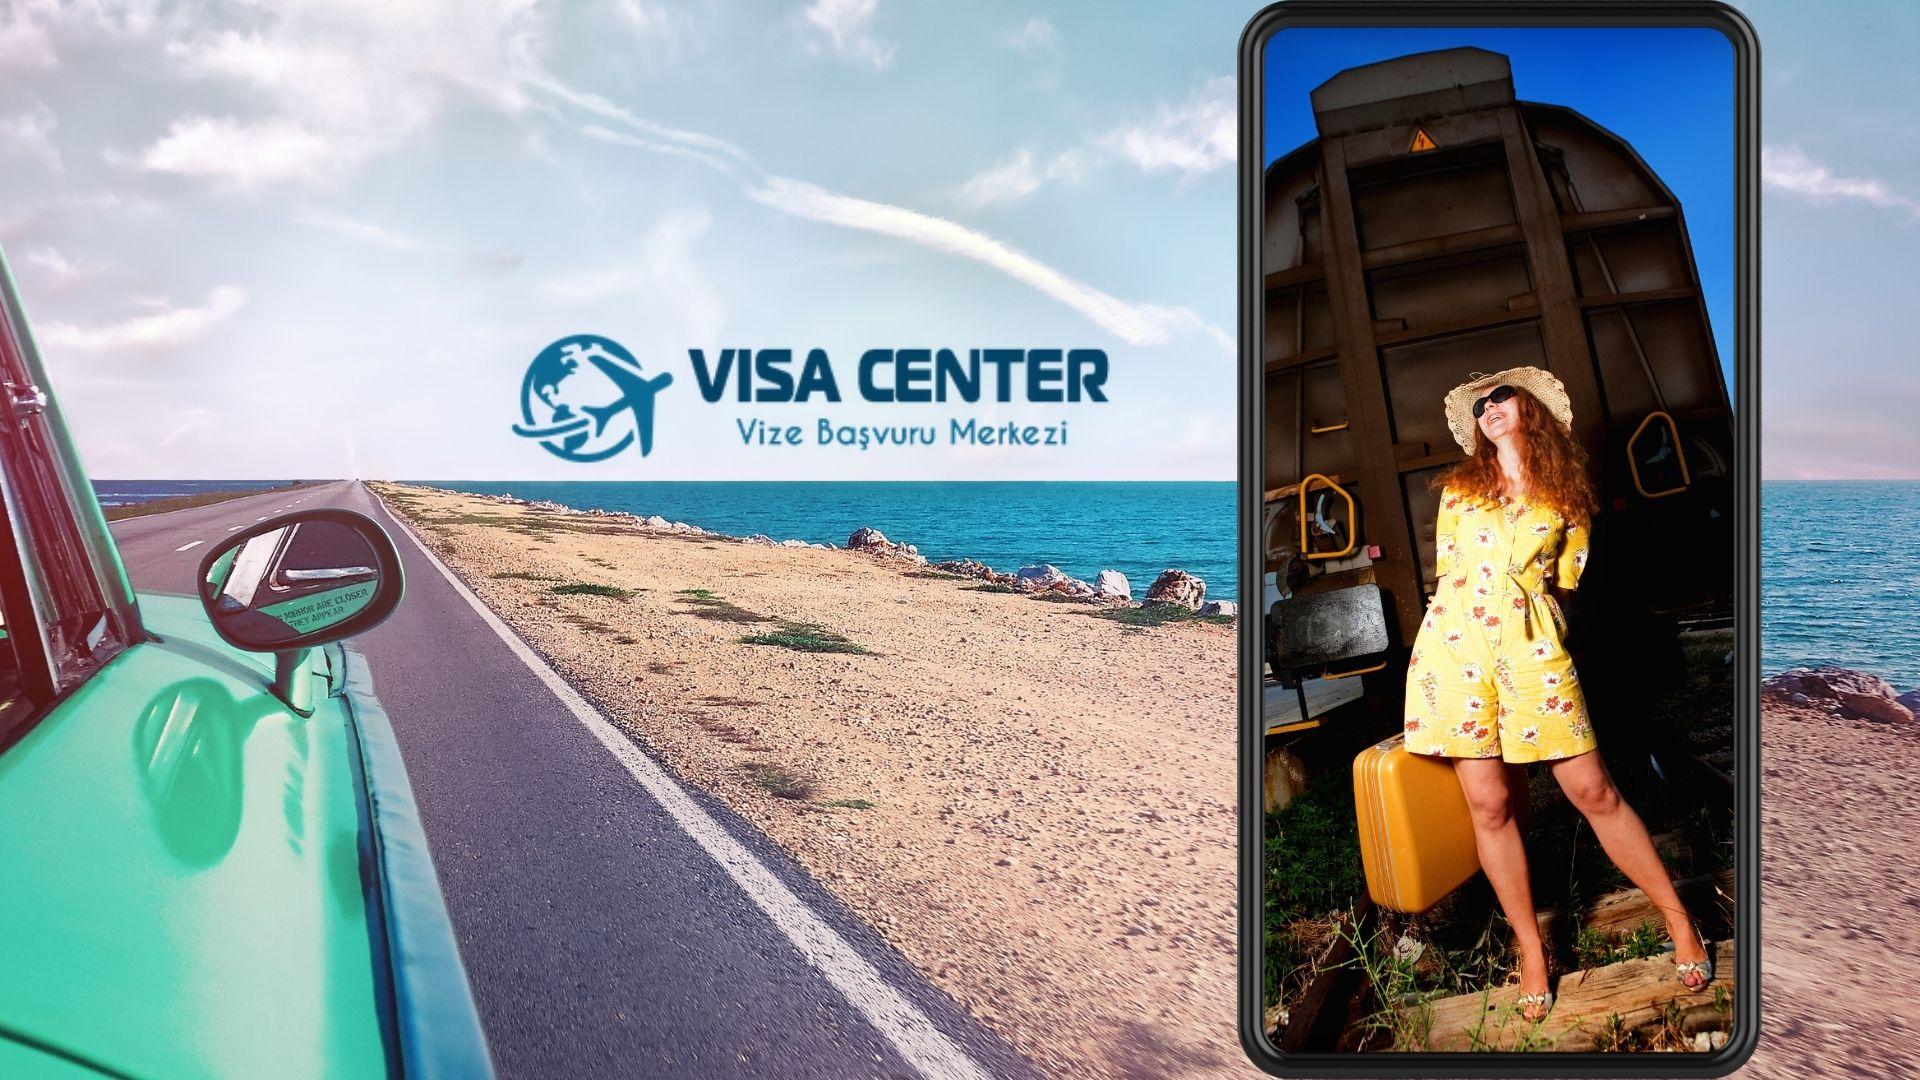 Vize İşlemleri Ücretleri 2021